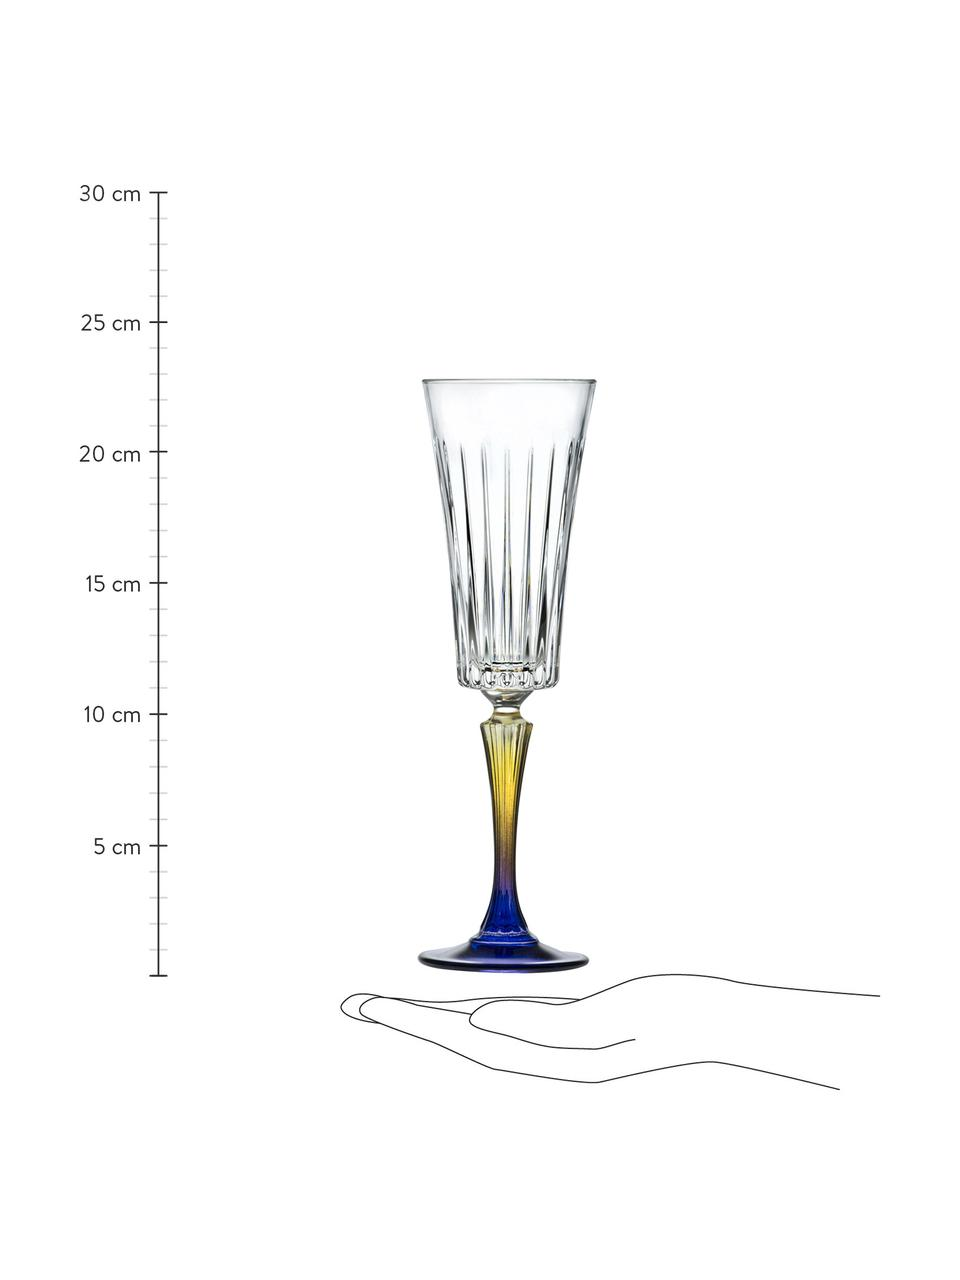 Kryształowy kieliszek do szampana Gipsy, 6 szt., Szkło kryształowe Luxion, Transparentny, żółty, niebieski, Ø 7 x W 23 cm